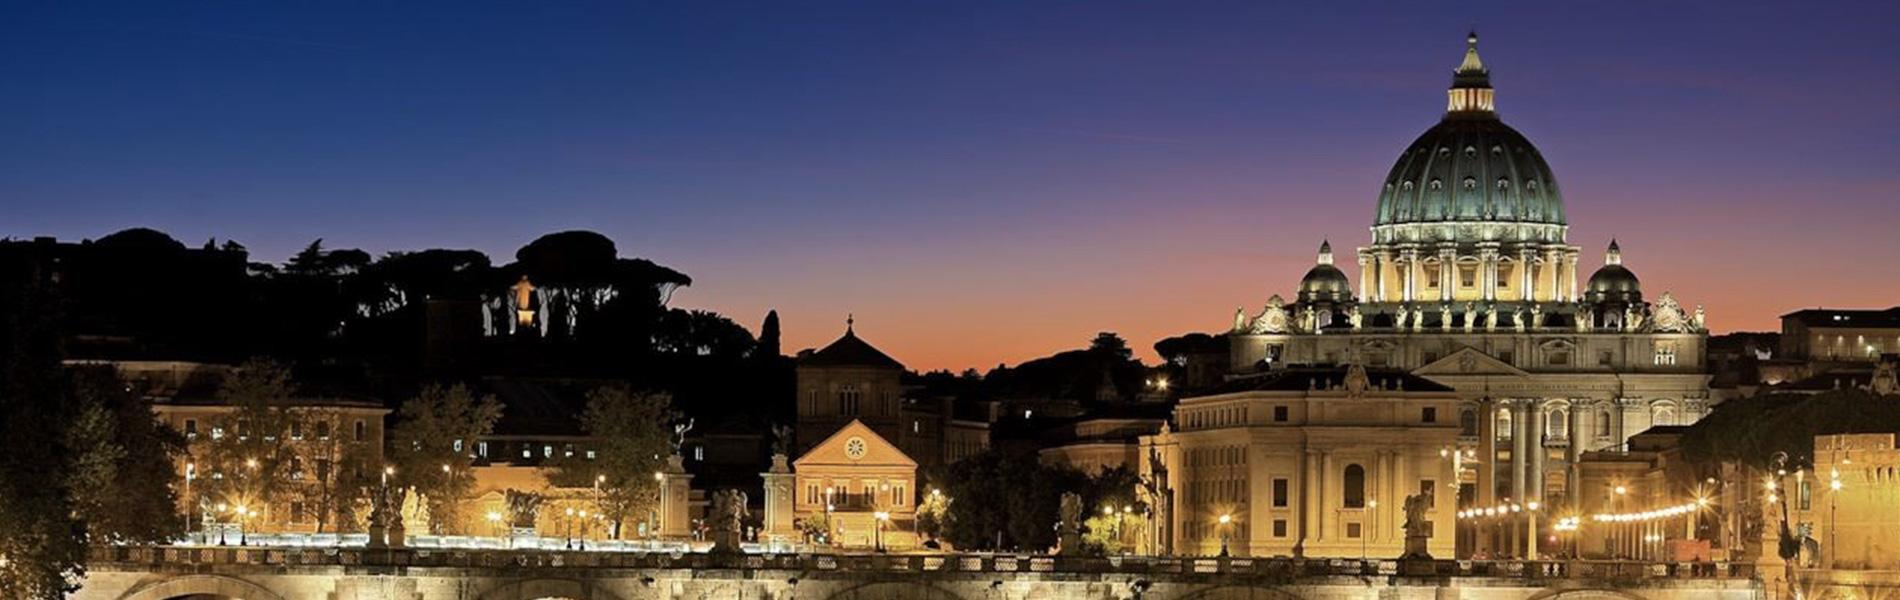 Pontifical Villas Tour